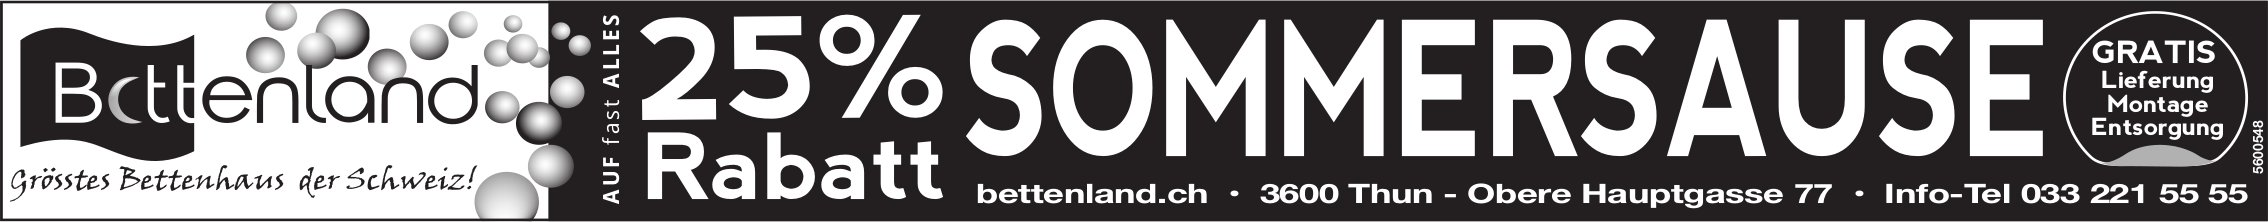 Bettenland, Thun - 25% Rabatt Sommersause